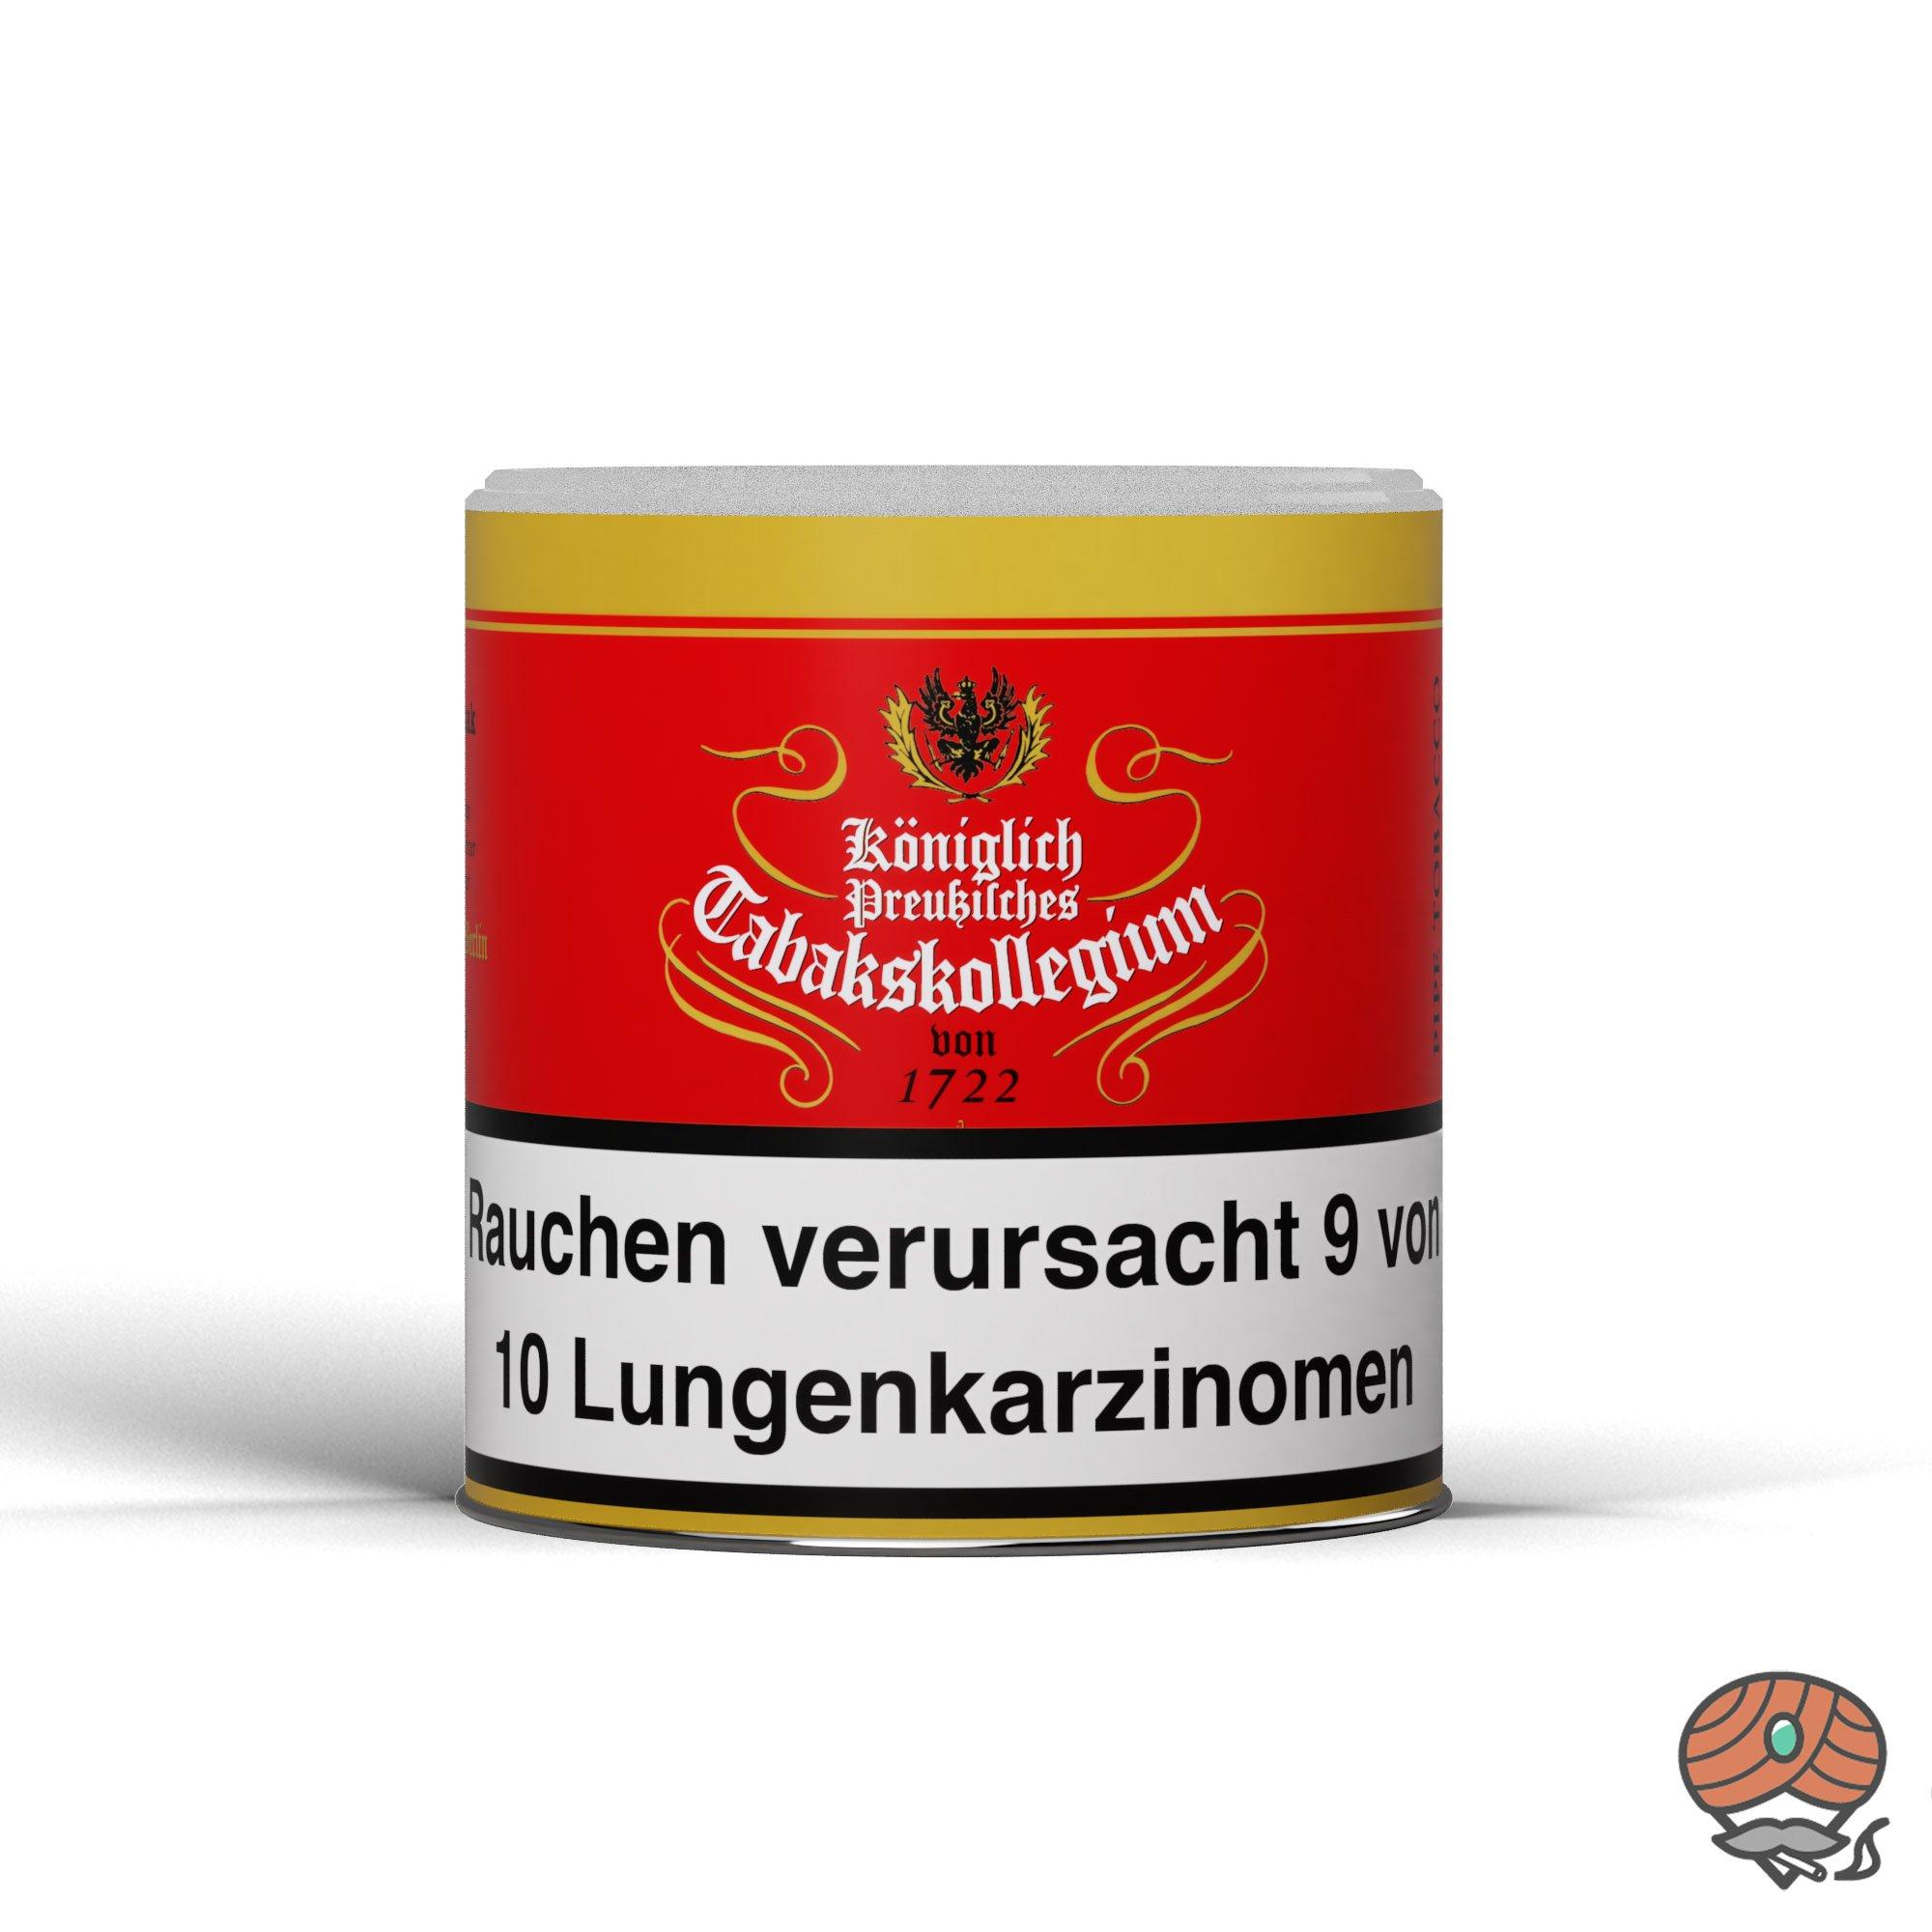 Königlich Preußisches Tabakskollegium (KPT) Rot 1722 Pfeifentabak 100 g